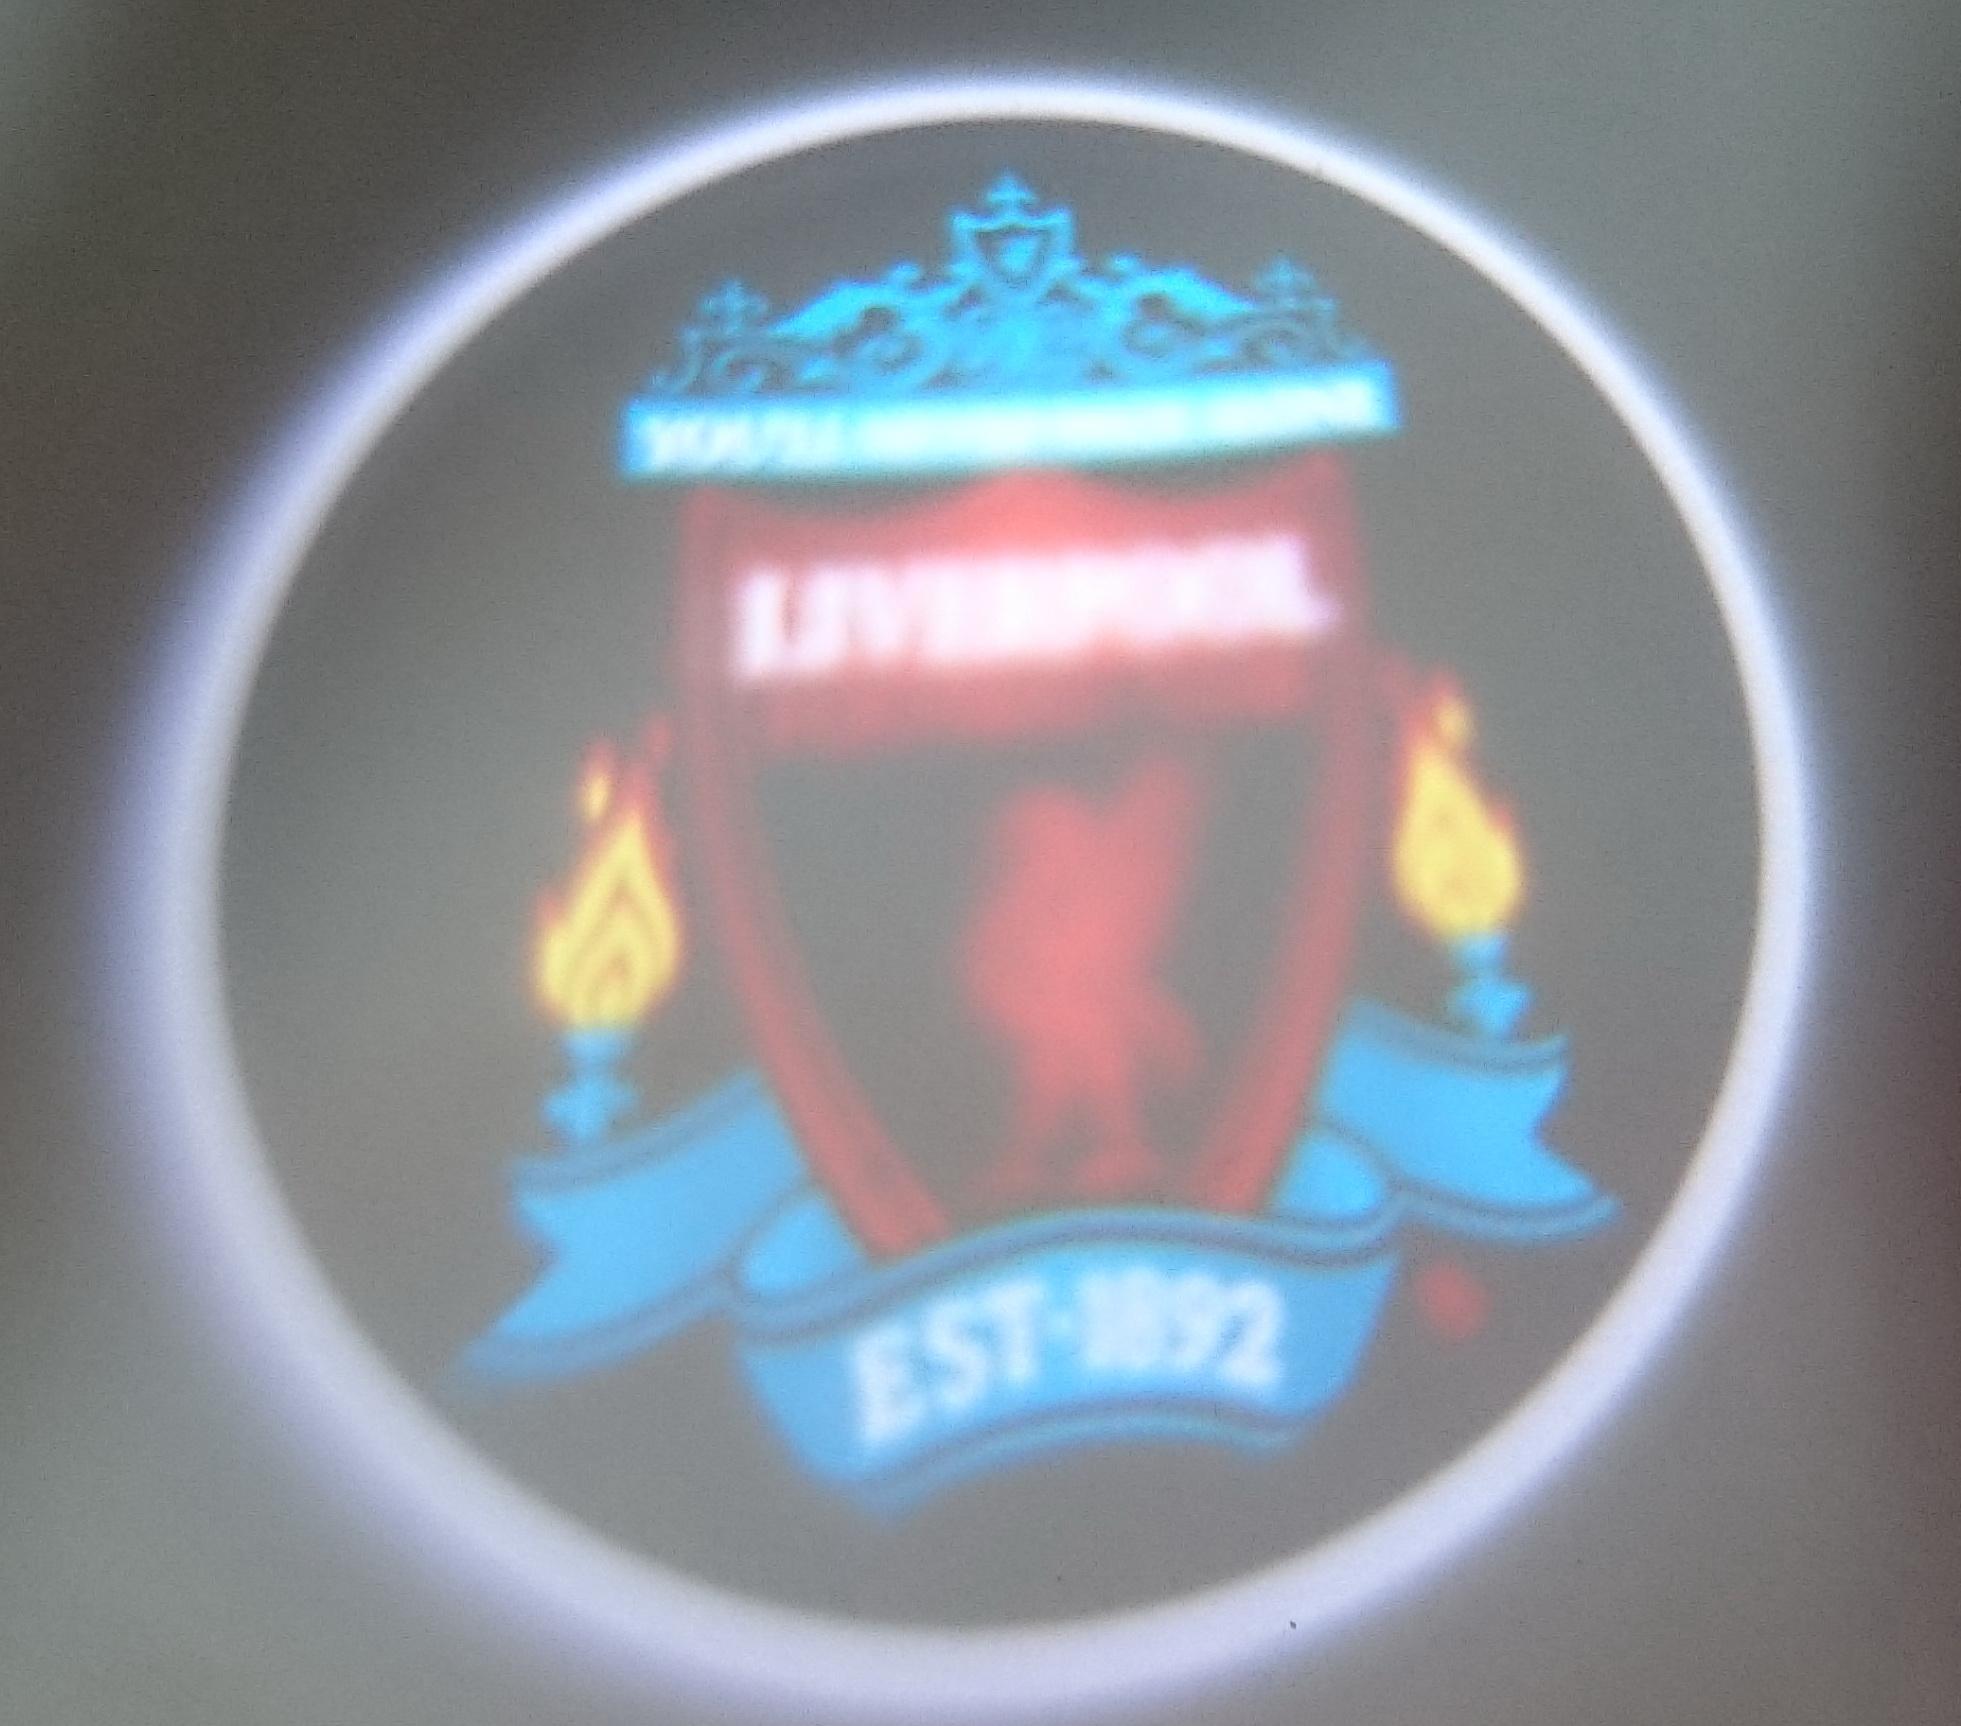 ไฟโลโก้ส่องพื้น Liverpool